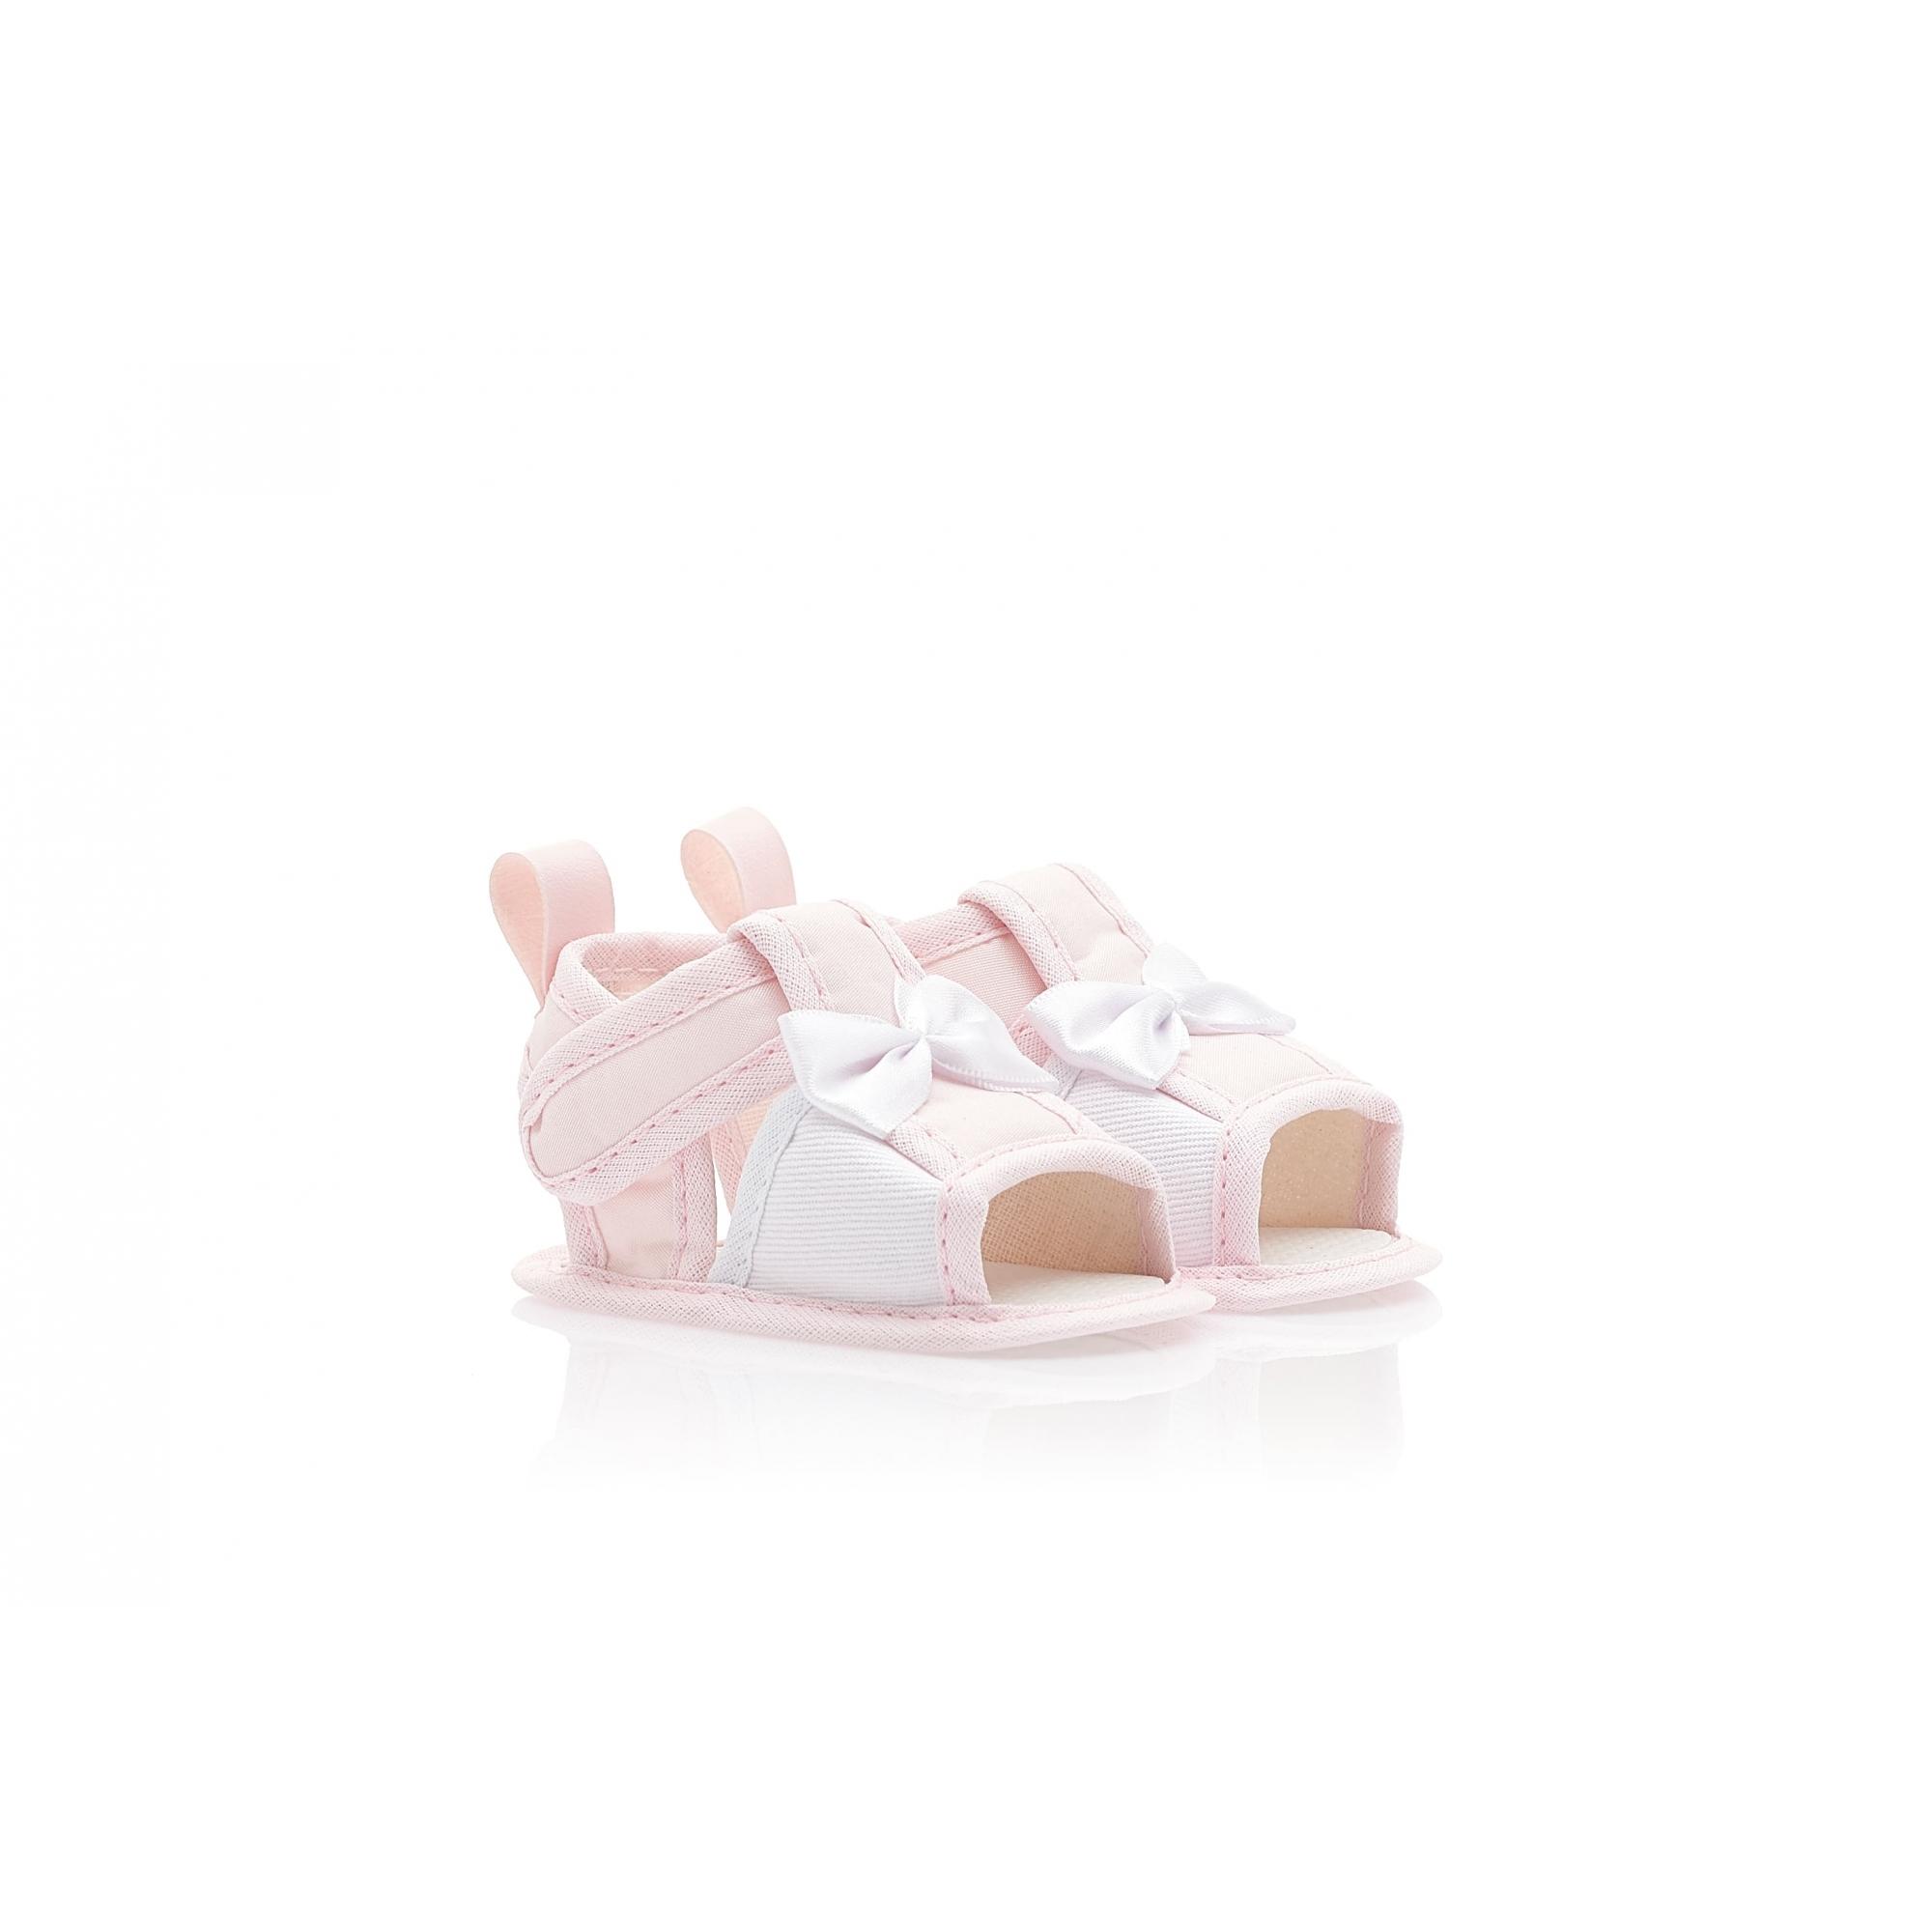 Sandália Bebê Laço Cetim Rosa  - Jeito Infantil